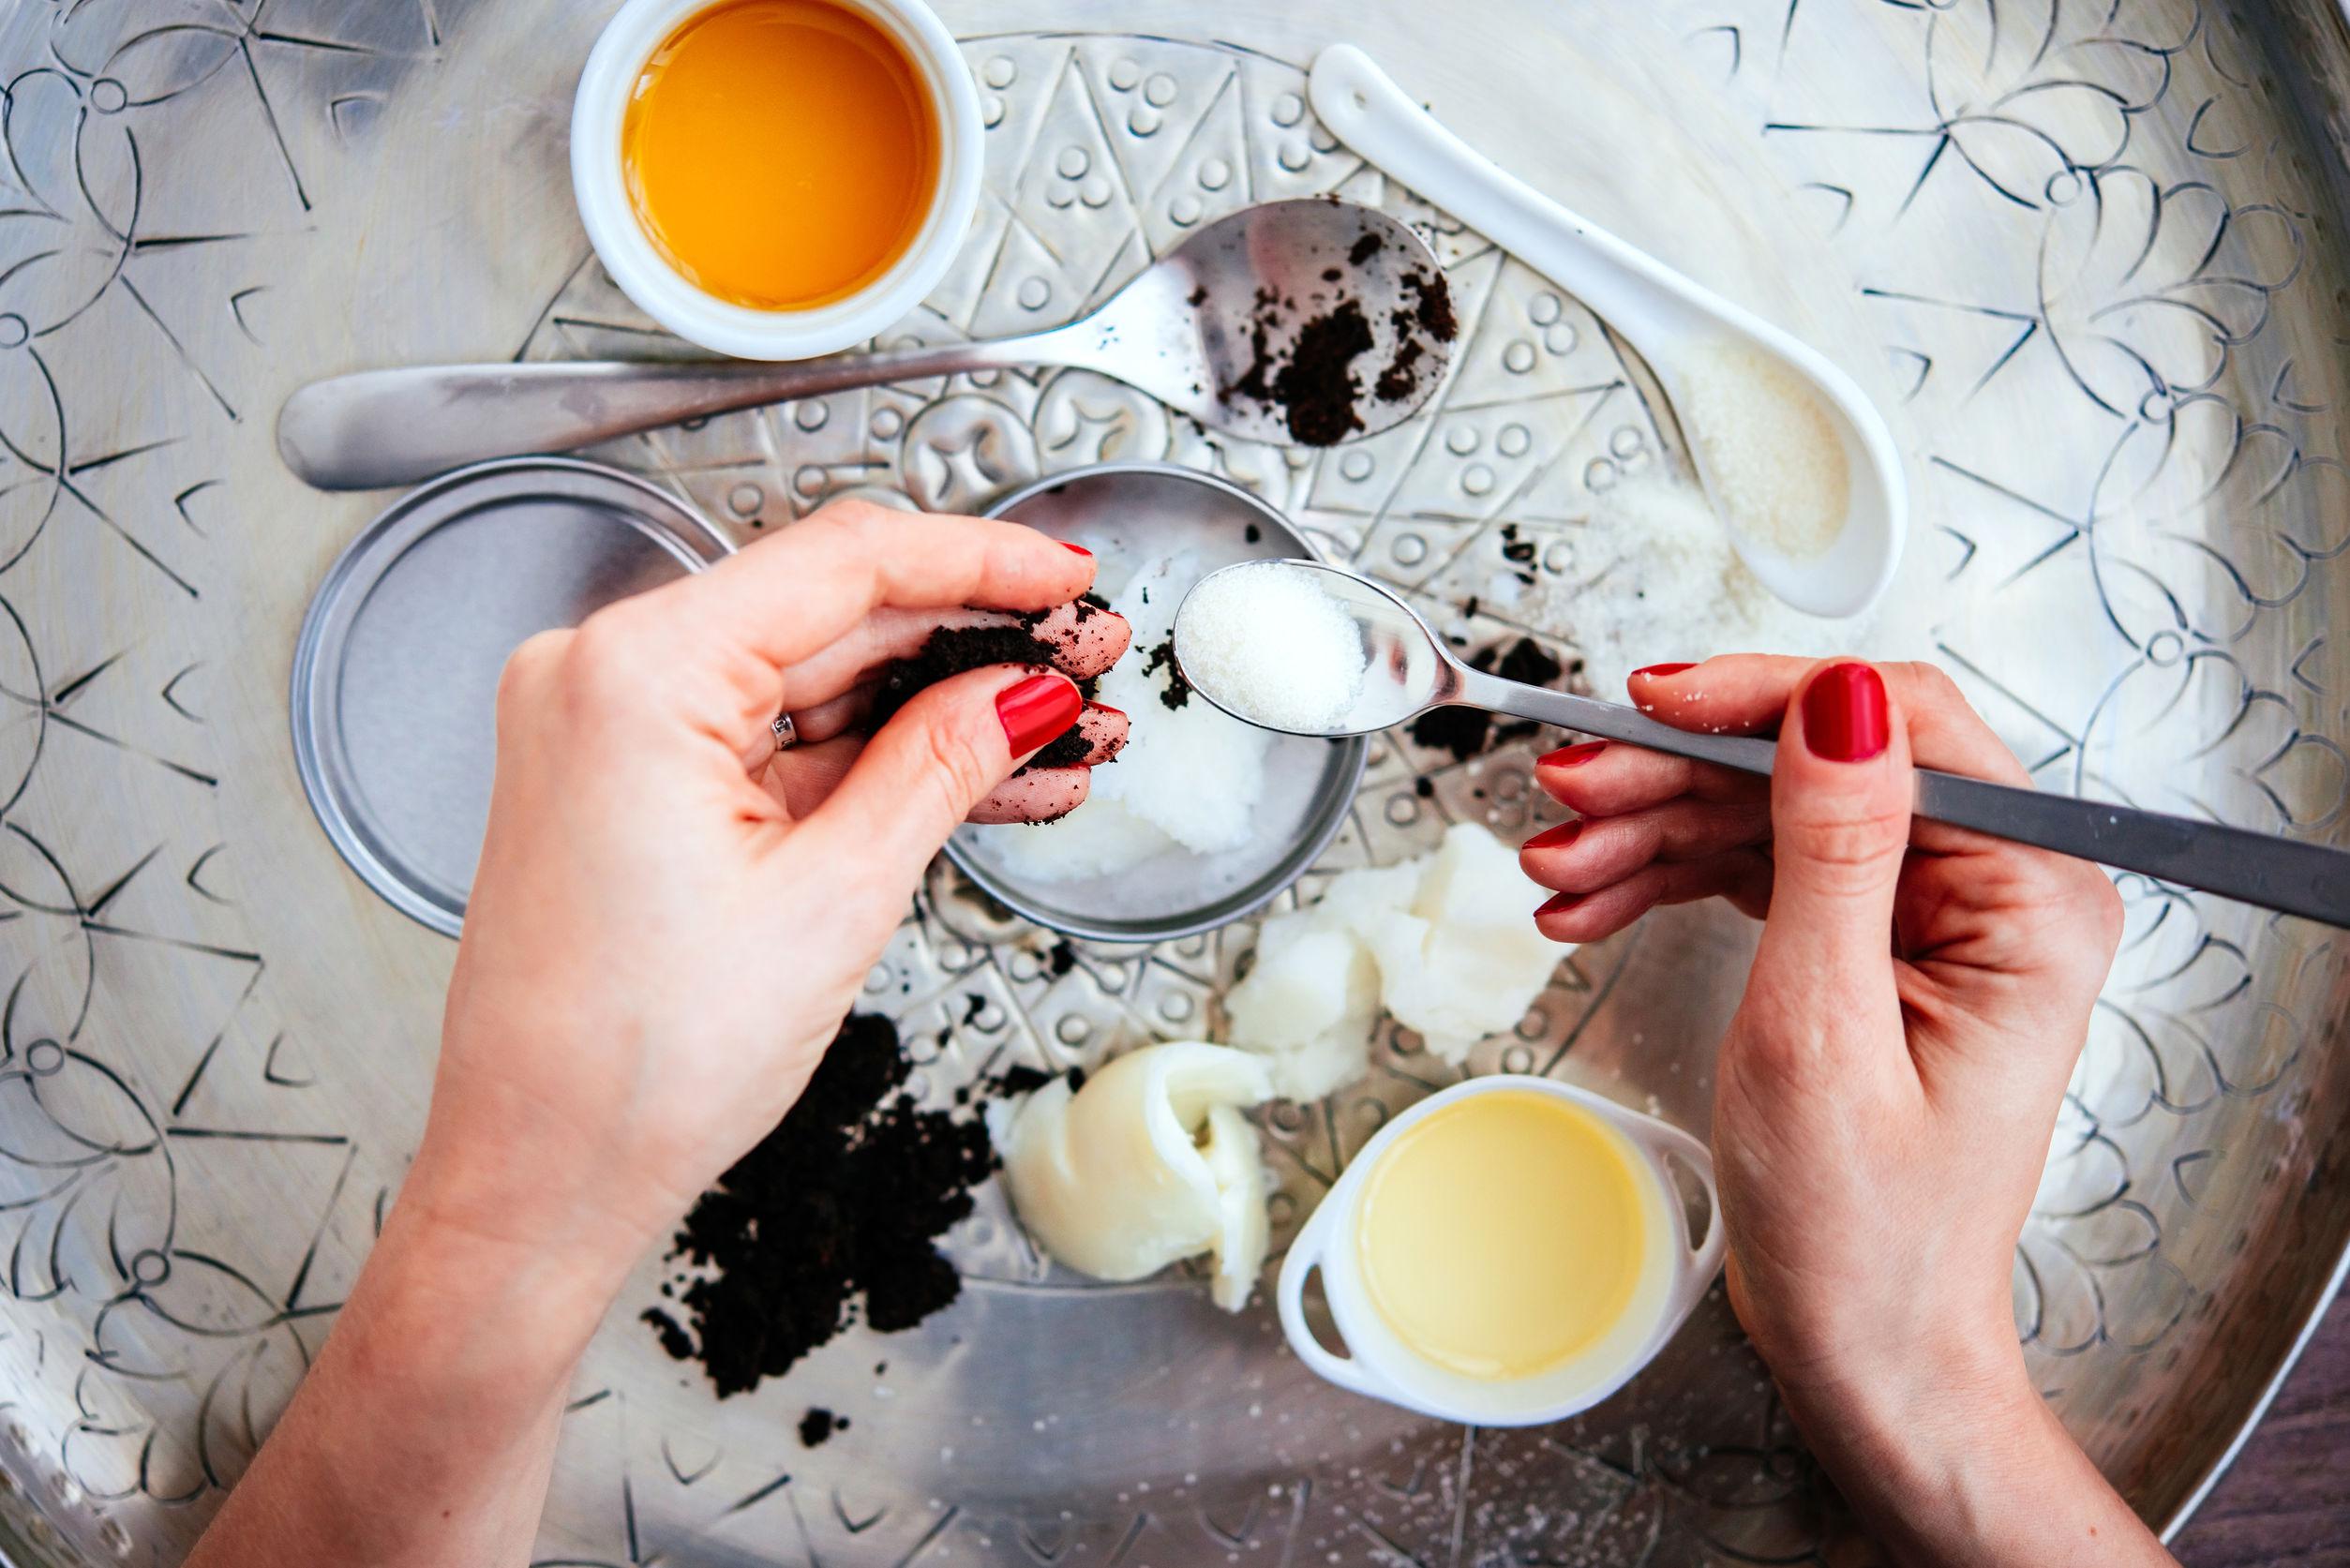 Ingredientes cosméticos hechos a mano - de coco y mantequilla de karité, aceite de oliva, café redonda y azúcar.